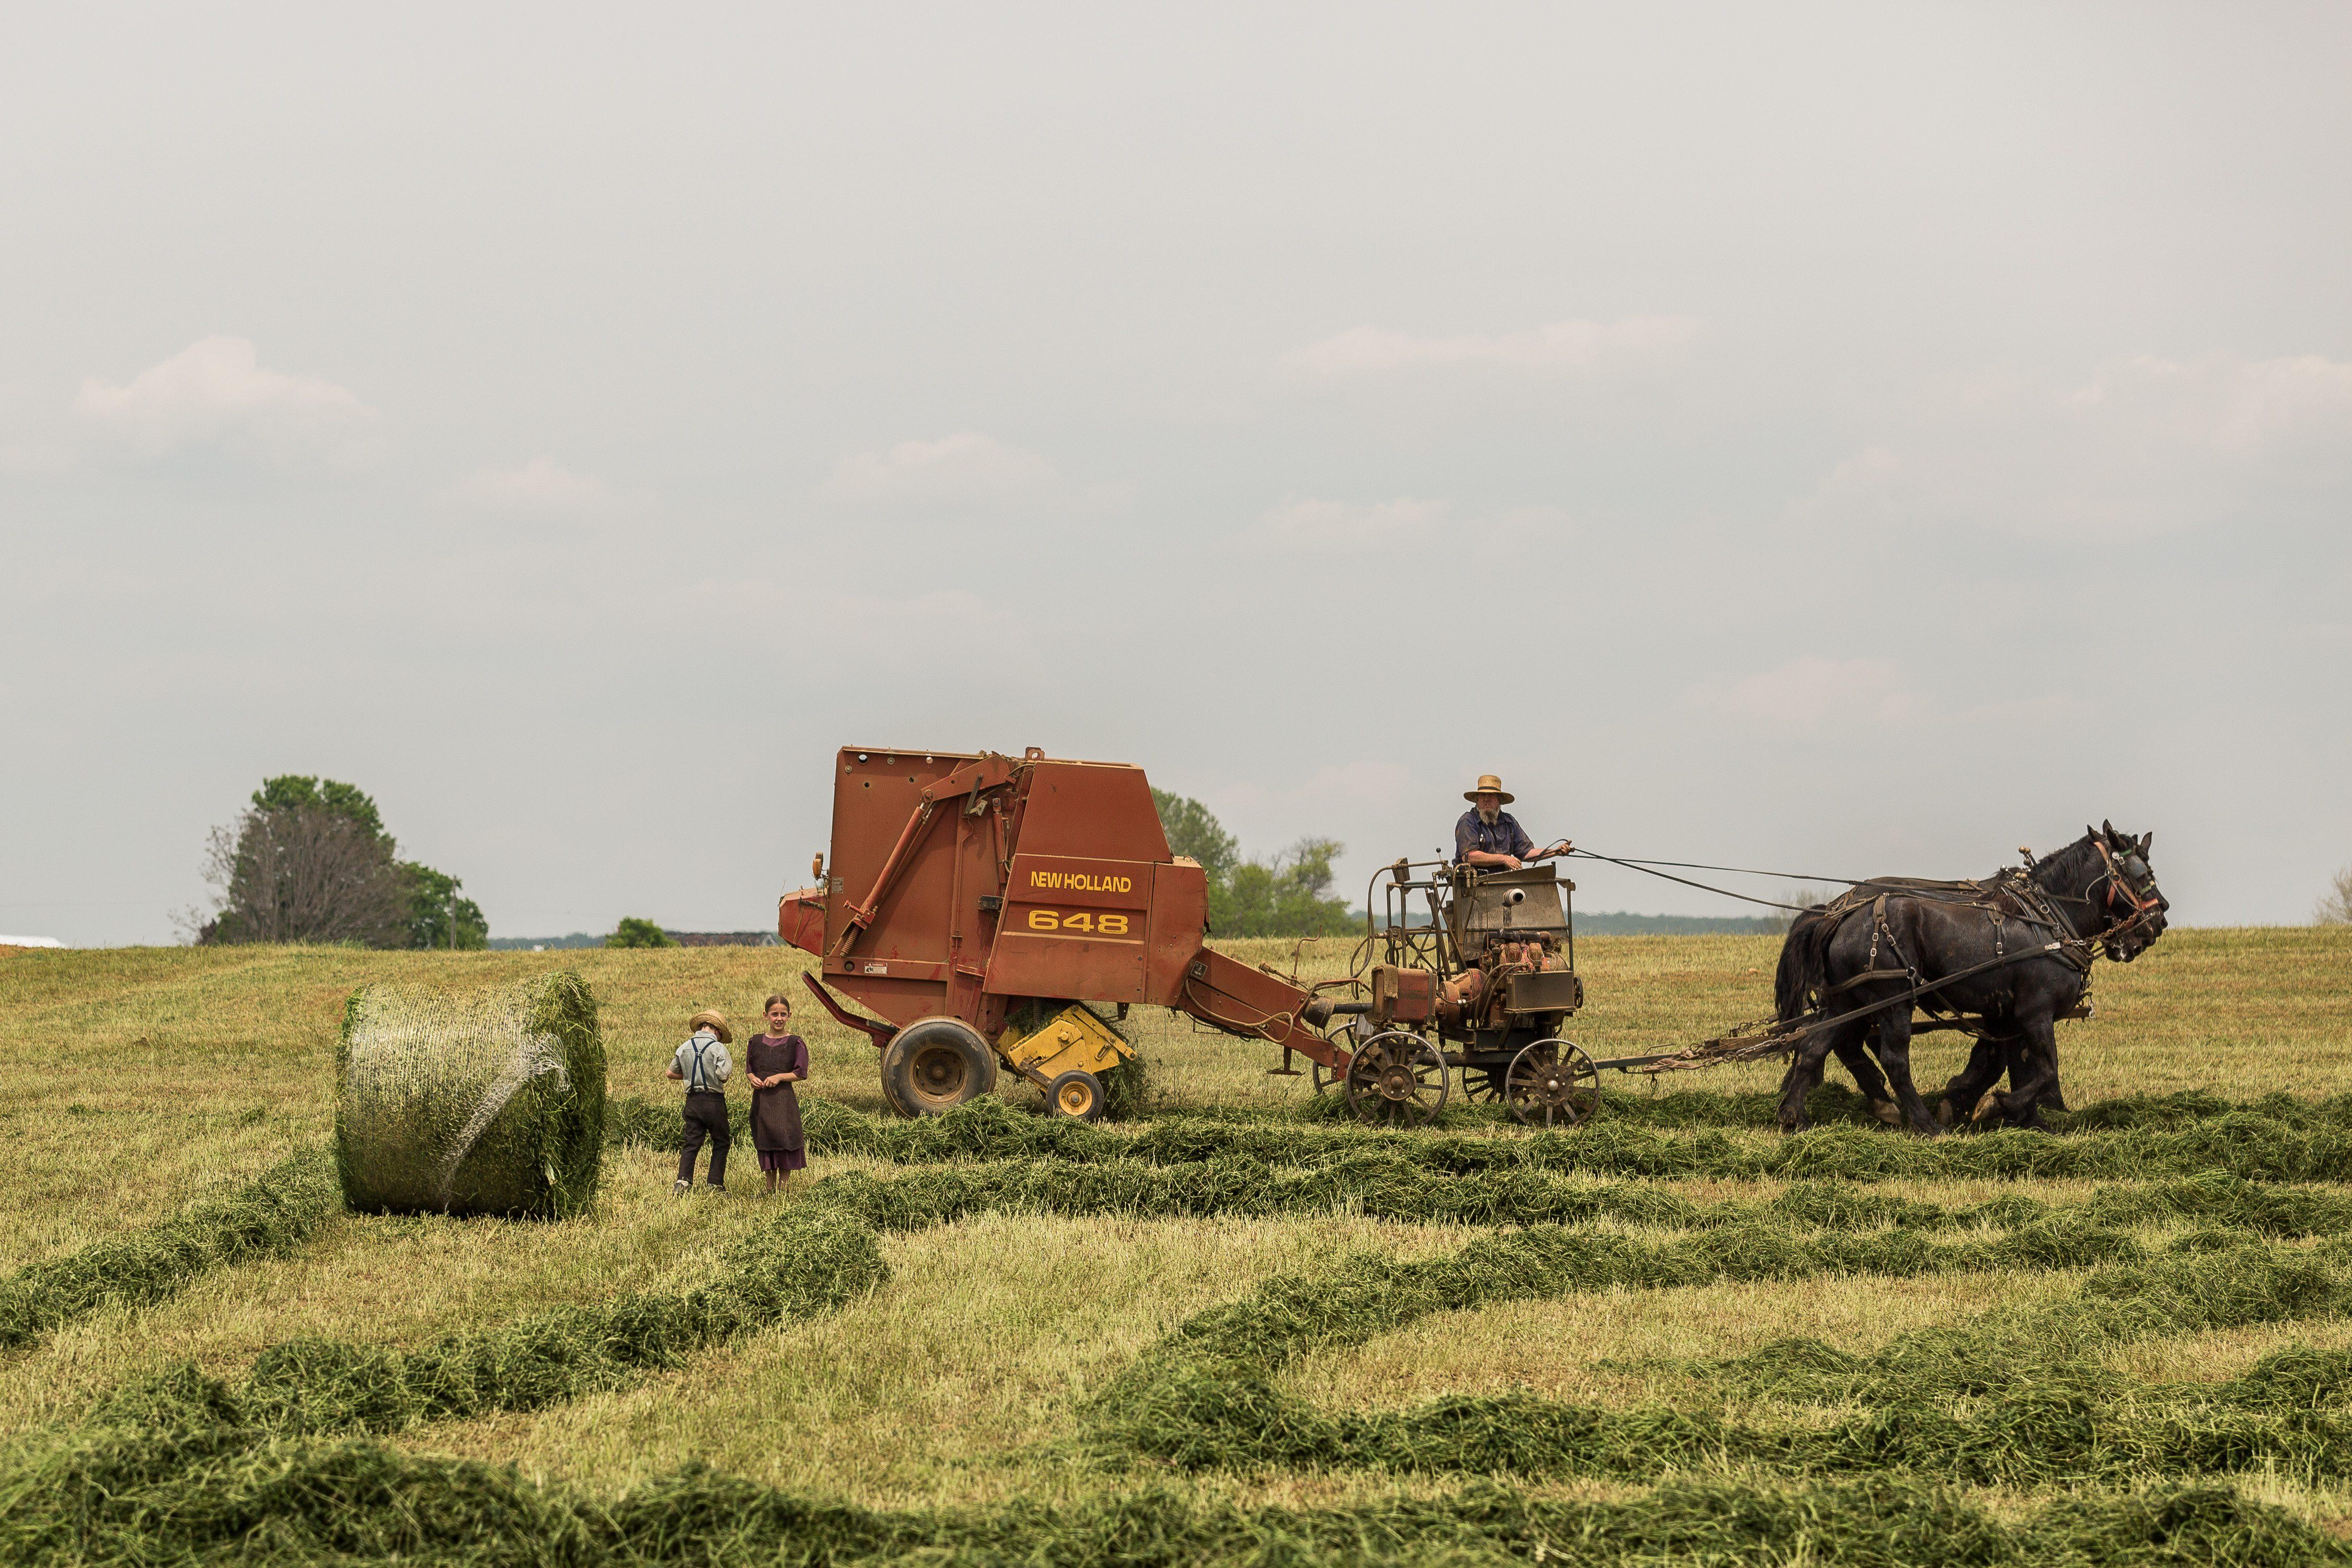 Politici publice pentru viitoarea generație de fermieri a României